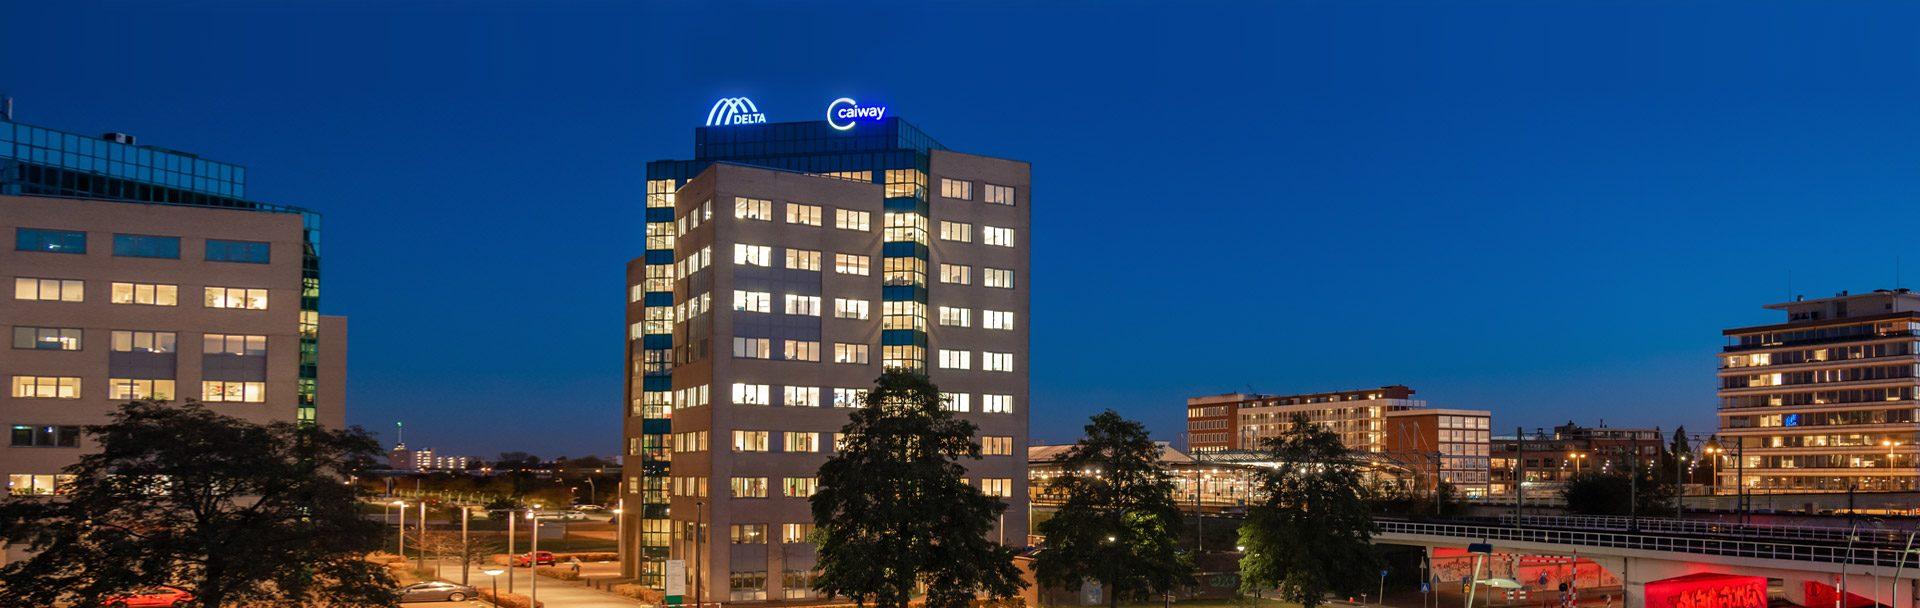 DELTA Fiber Nederland: Informatievoorziening voor een wendbaar bedrijf - Hot ITem